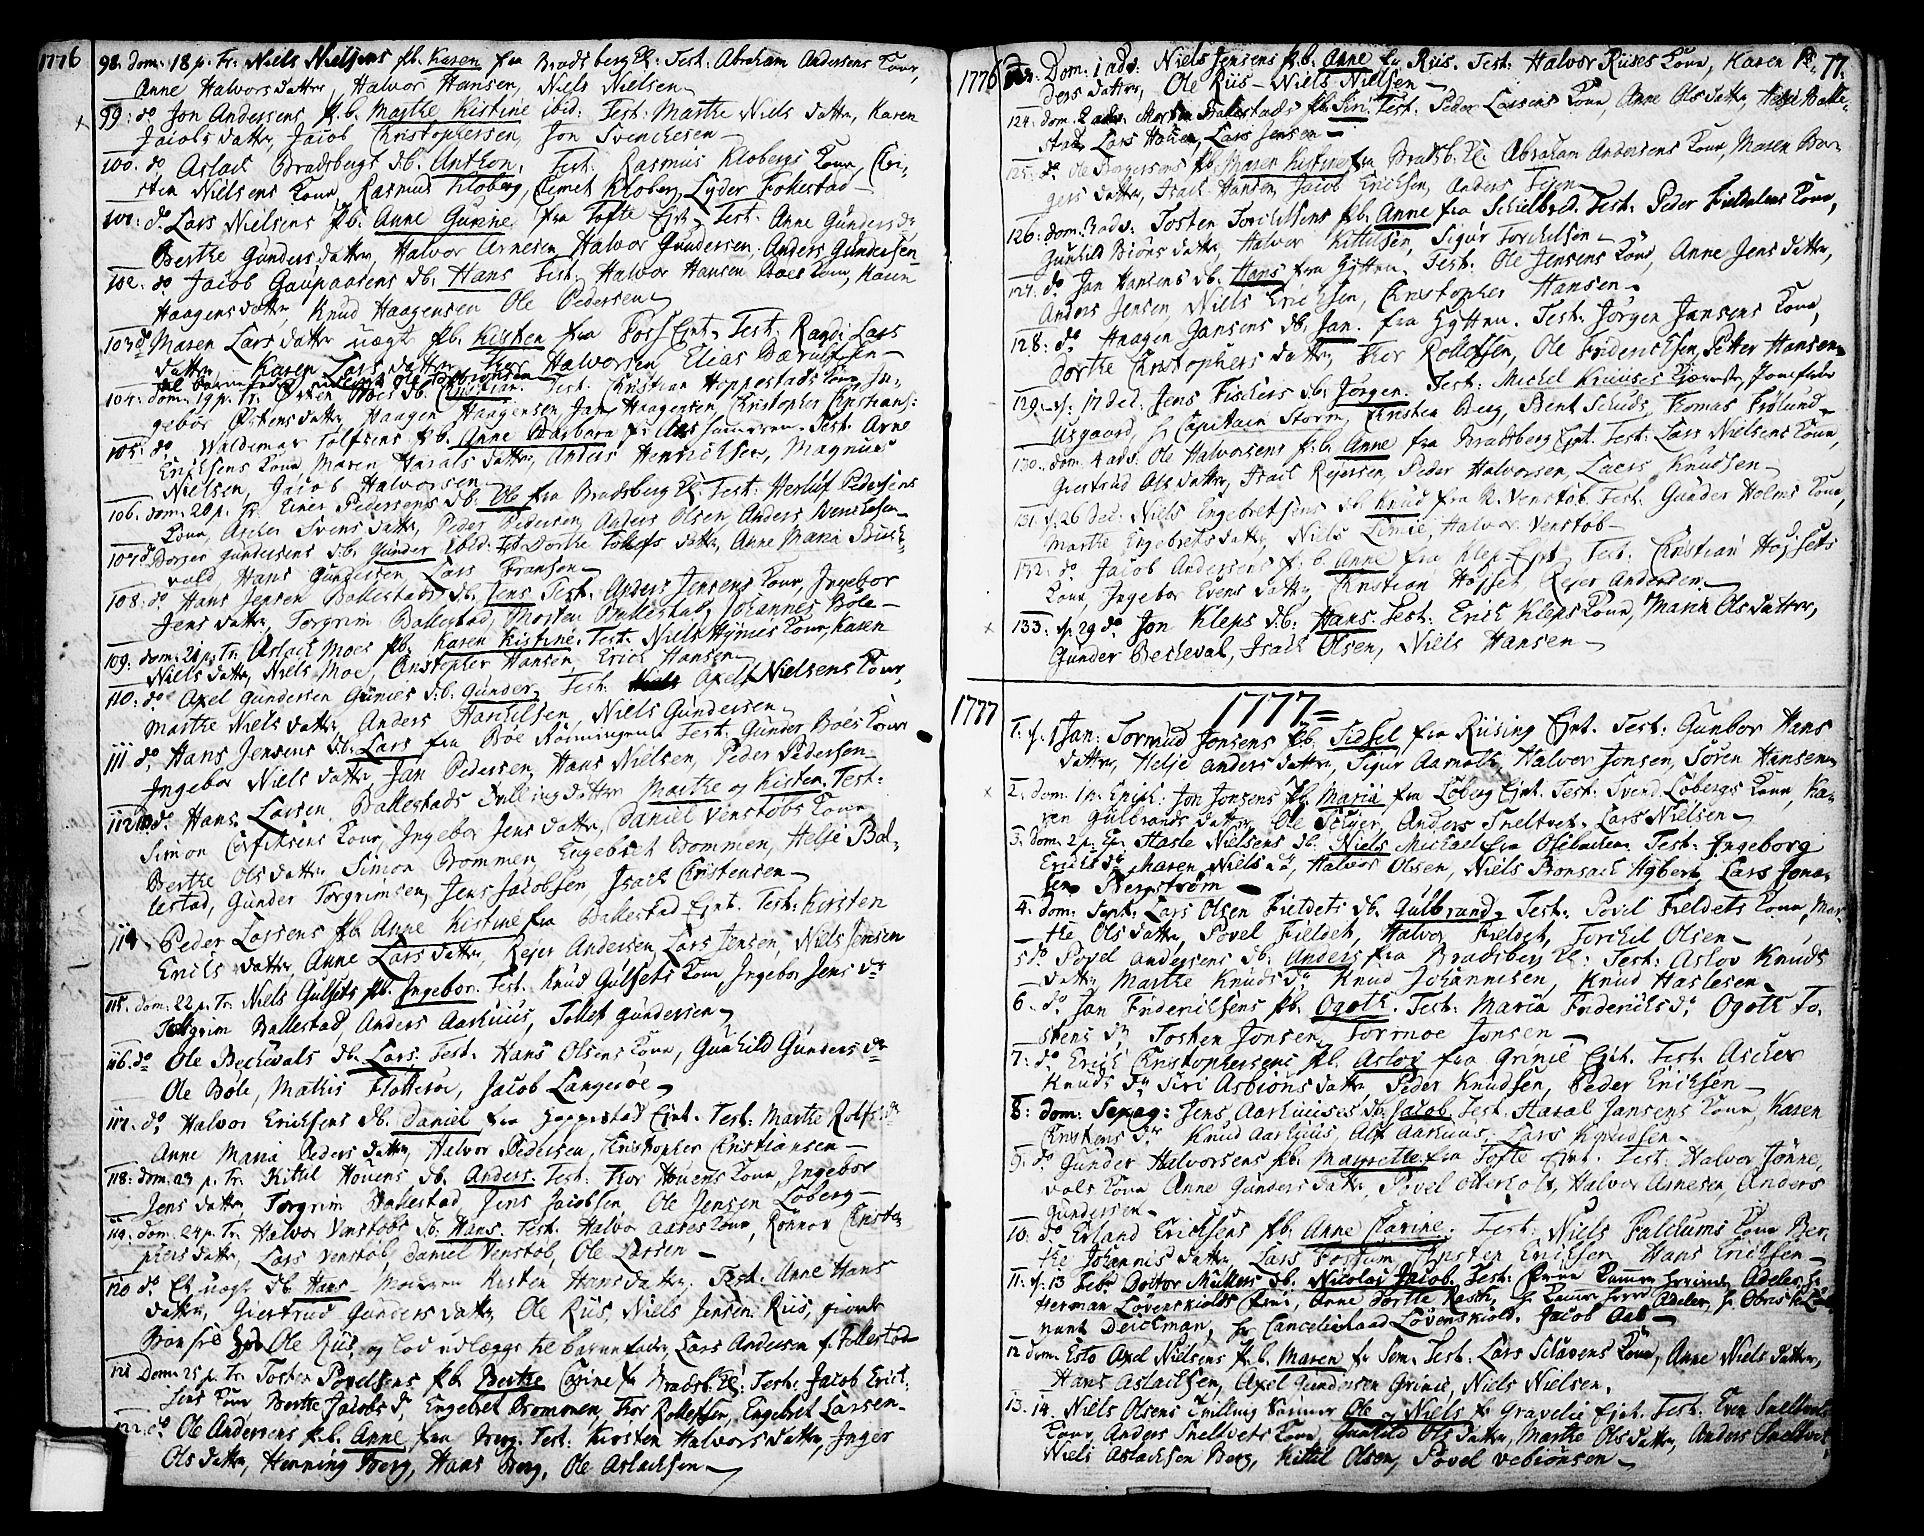 SAKO, Gjerpen kirkebøker, F/Fa/L0002: Ministerialbok nr. 2, 1747-1795, s. 77